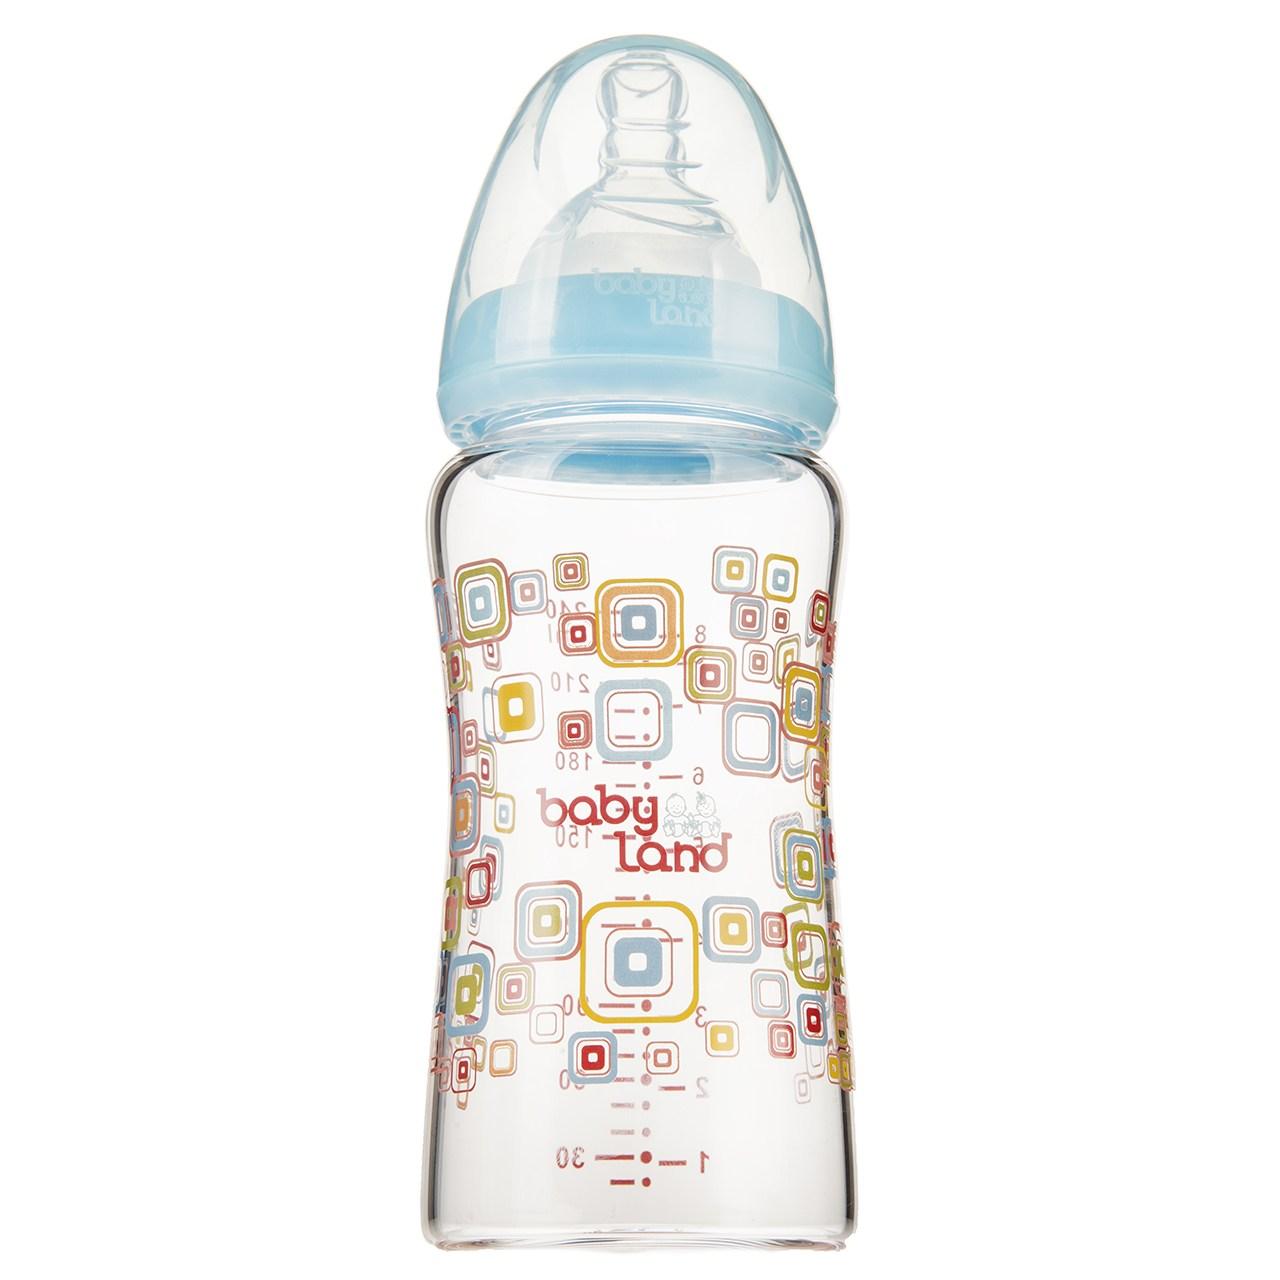 شیشه شیر بیبی لند مدل 373Square ظرفیت 240 میلی لیتر